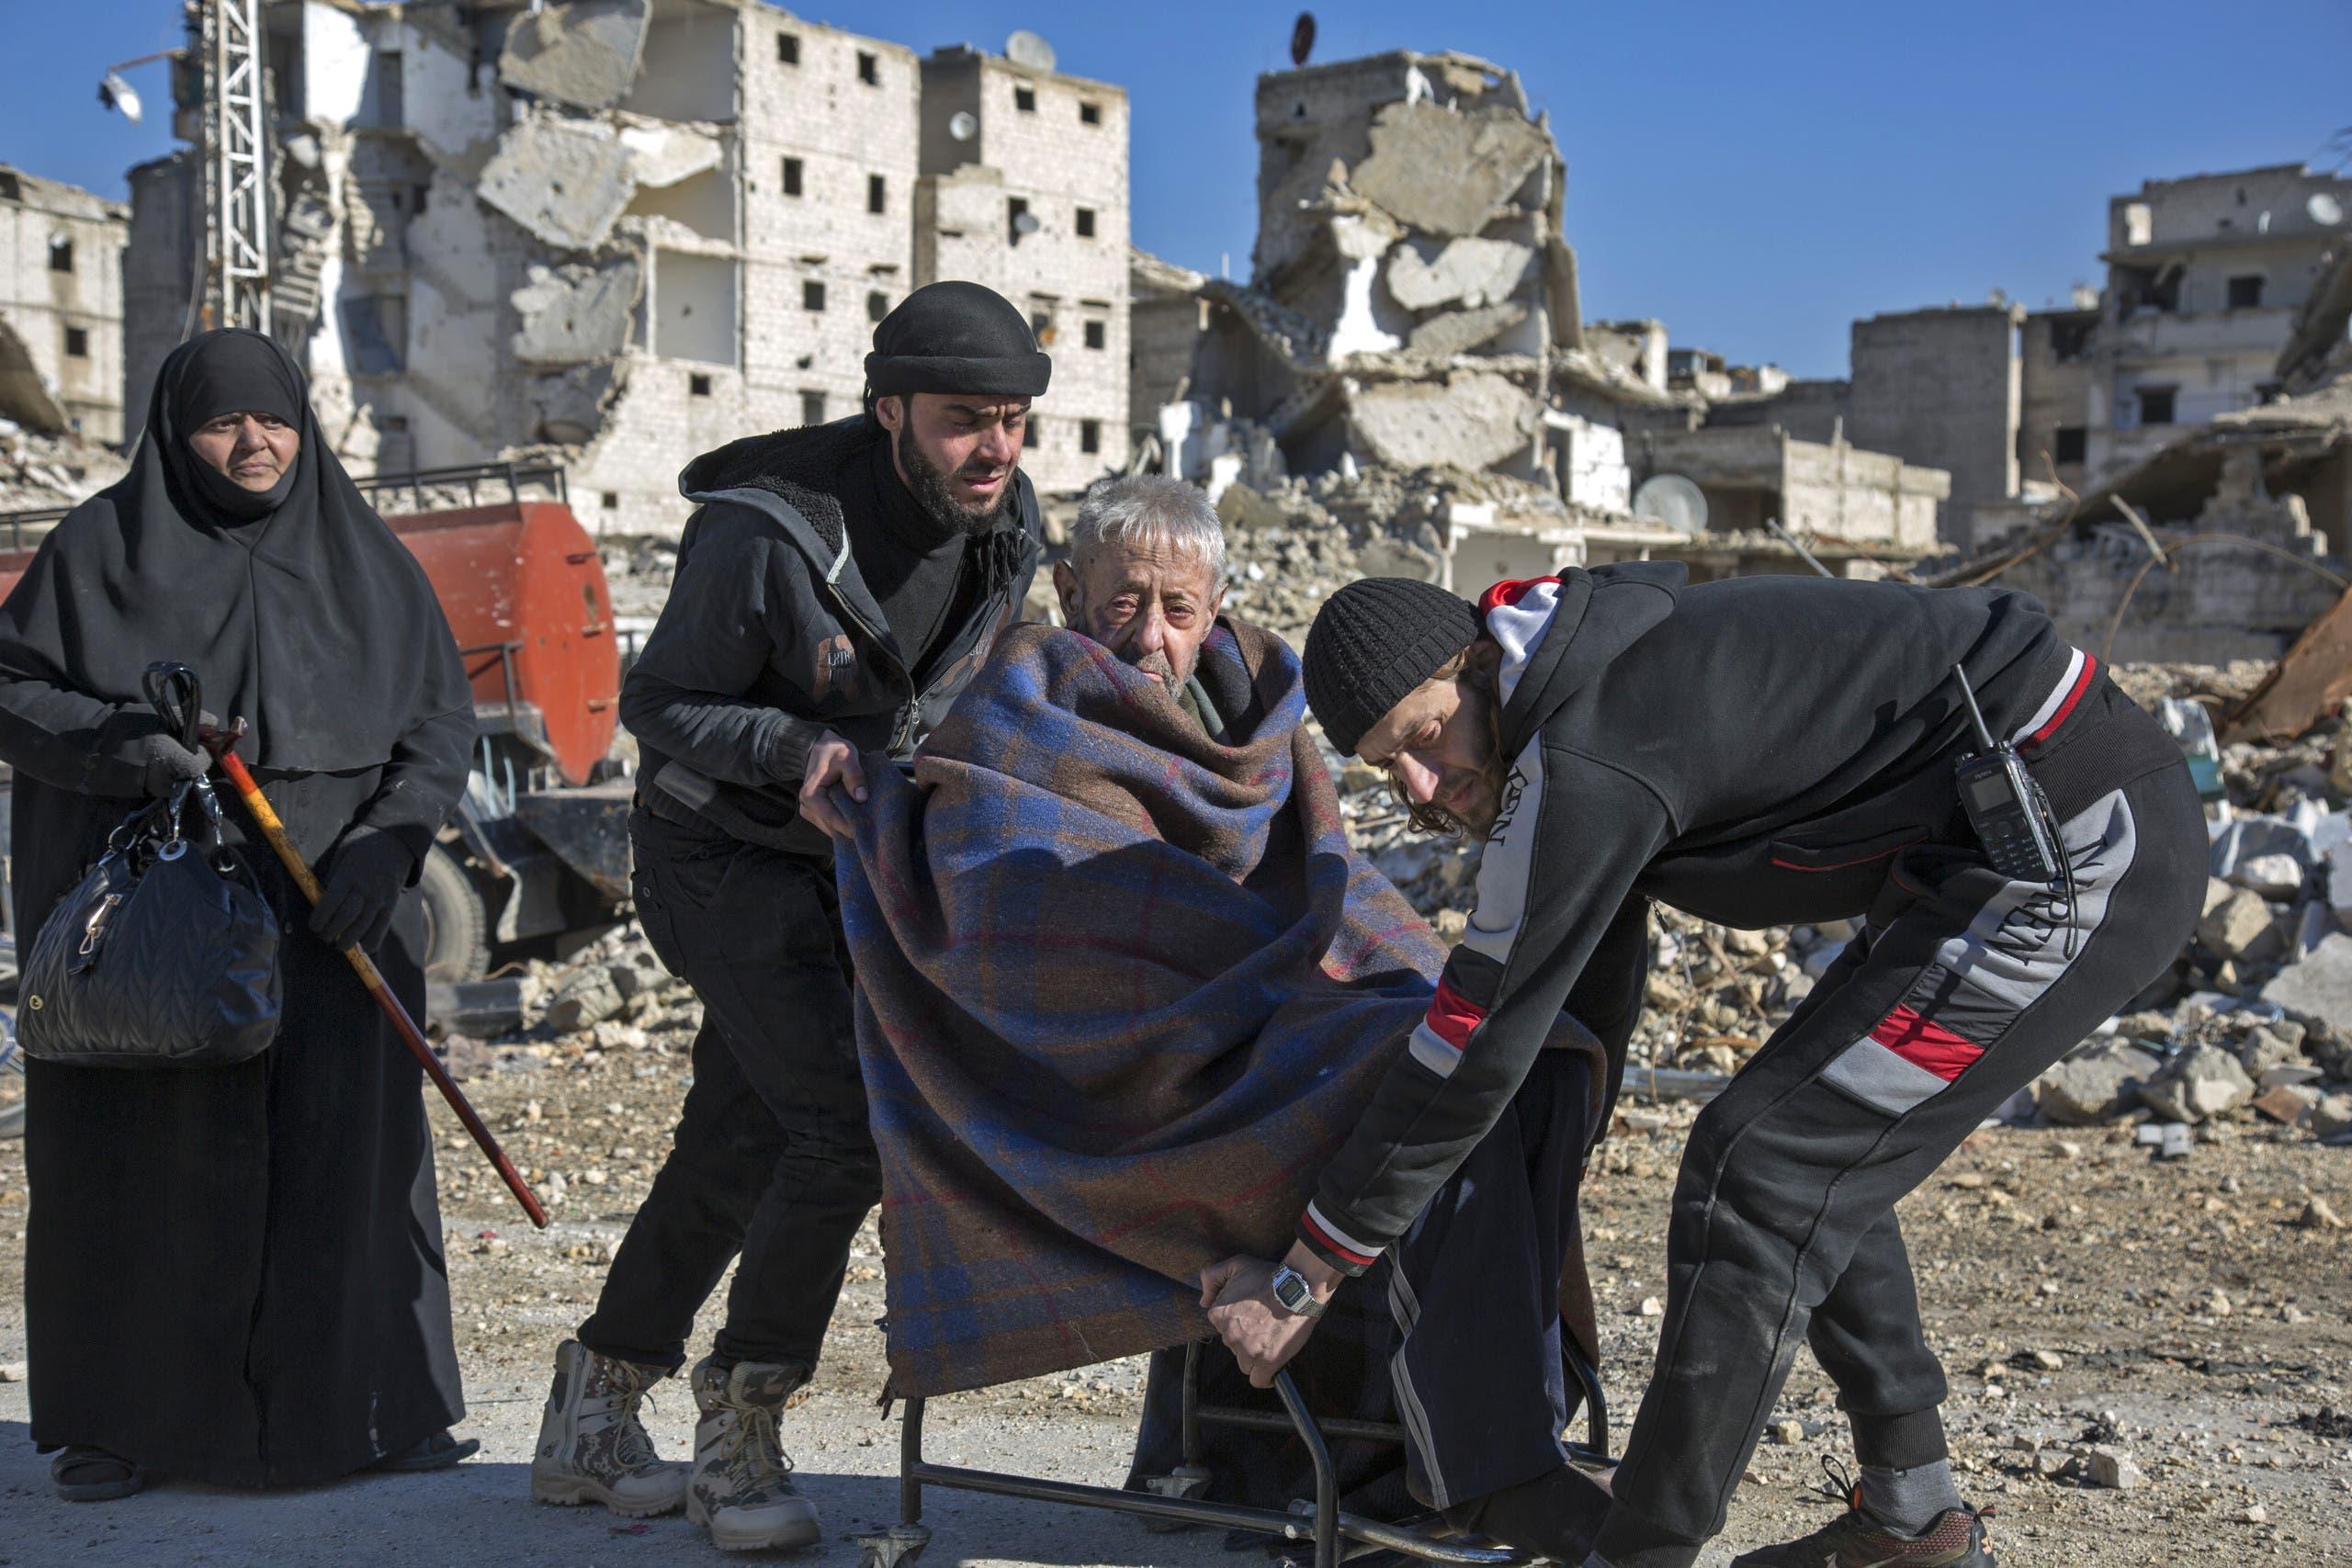 أثناء نزوح أحد كبار السن من مدينة حلب